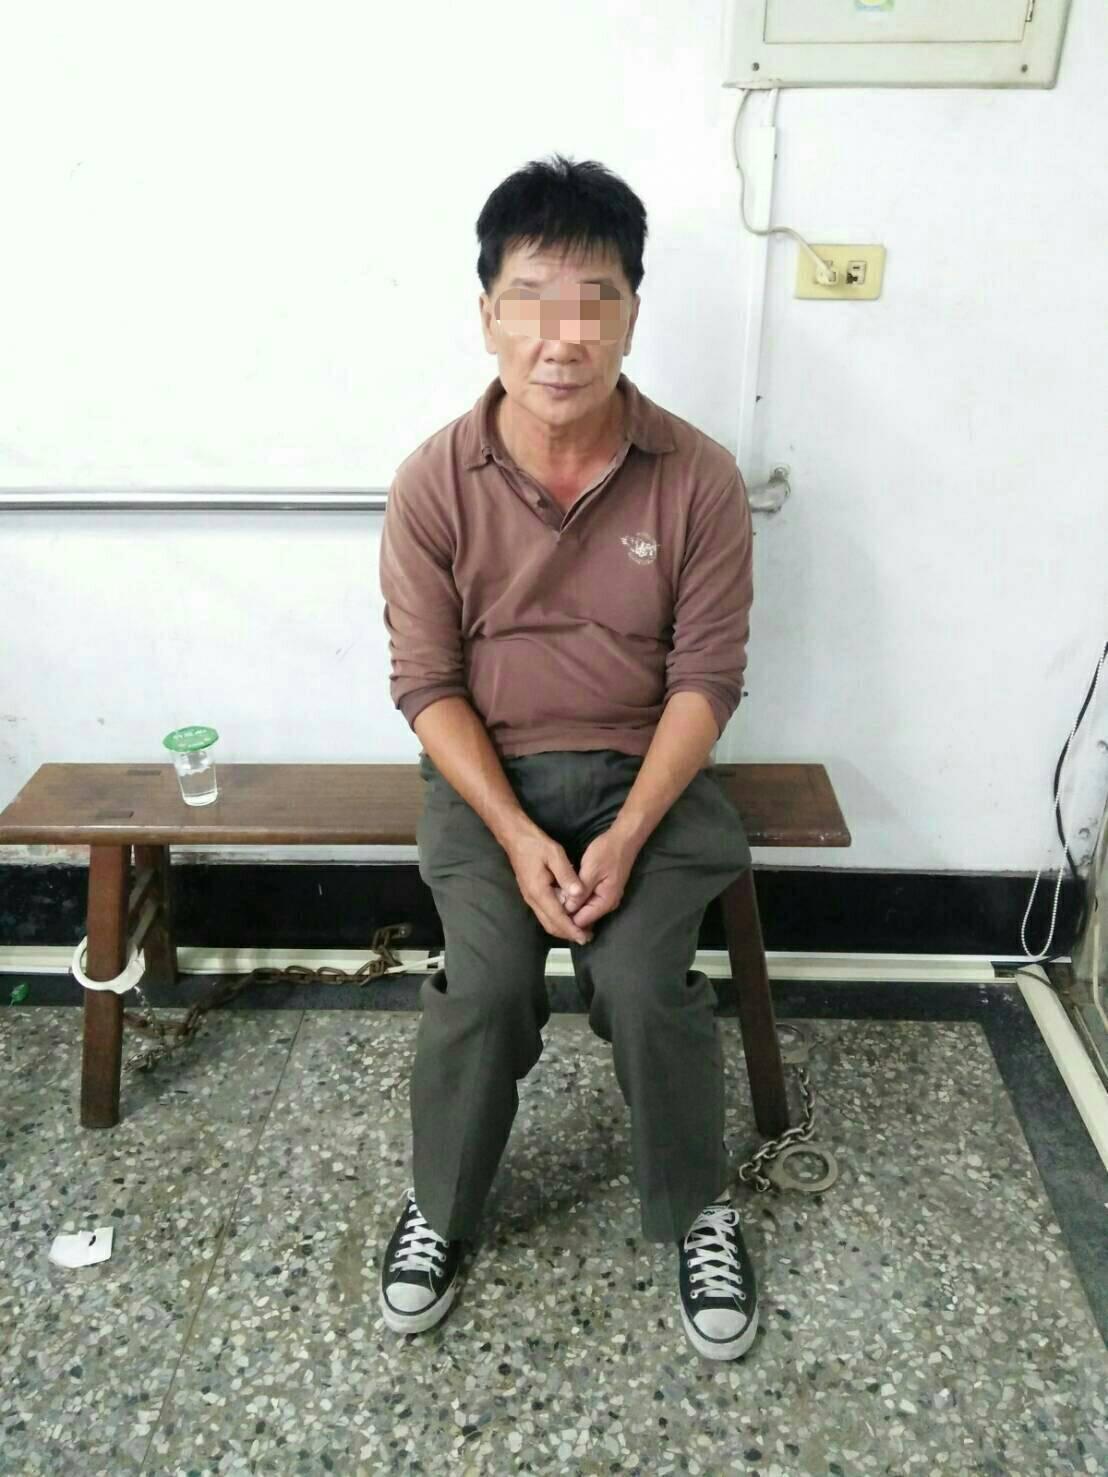 高雄市薛姓男子涉嫌向老人詐騙取財,警方依詐欺罪嫌法辦。記者黃宣翰/翻攝